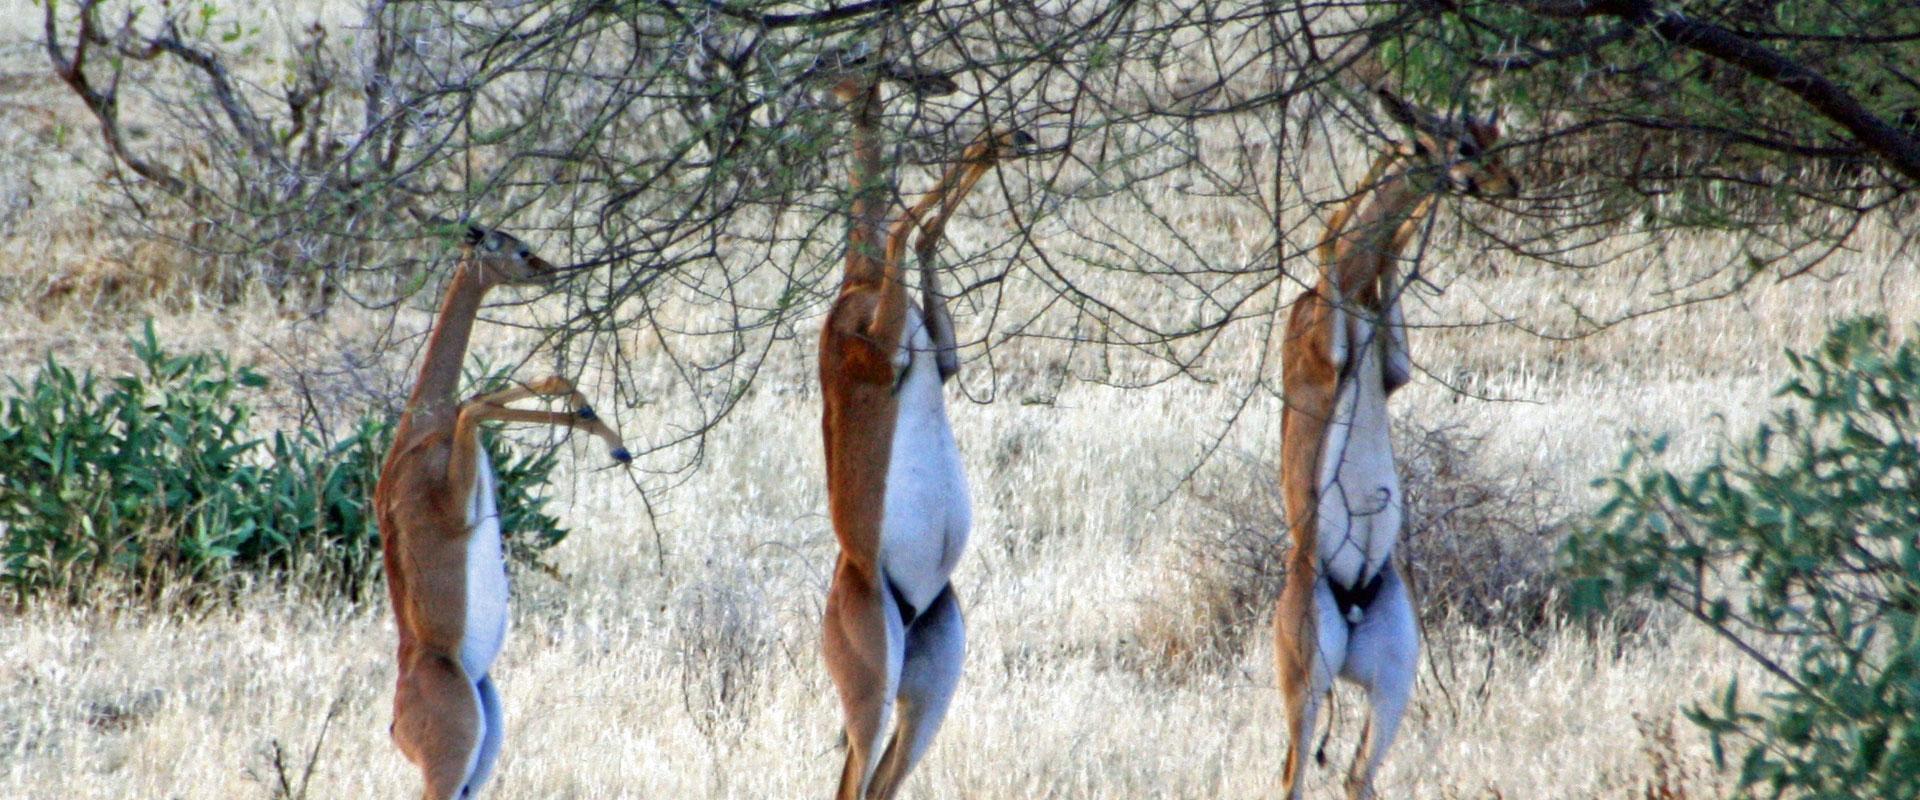 samburu-game-reserve-banner